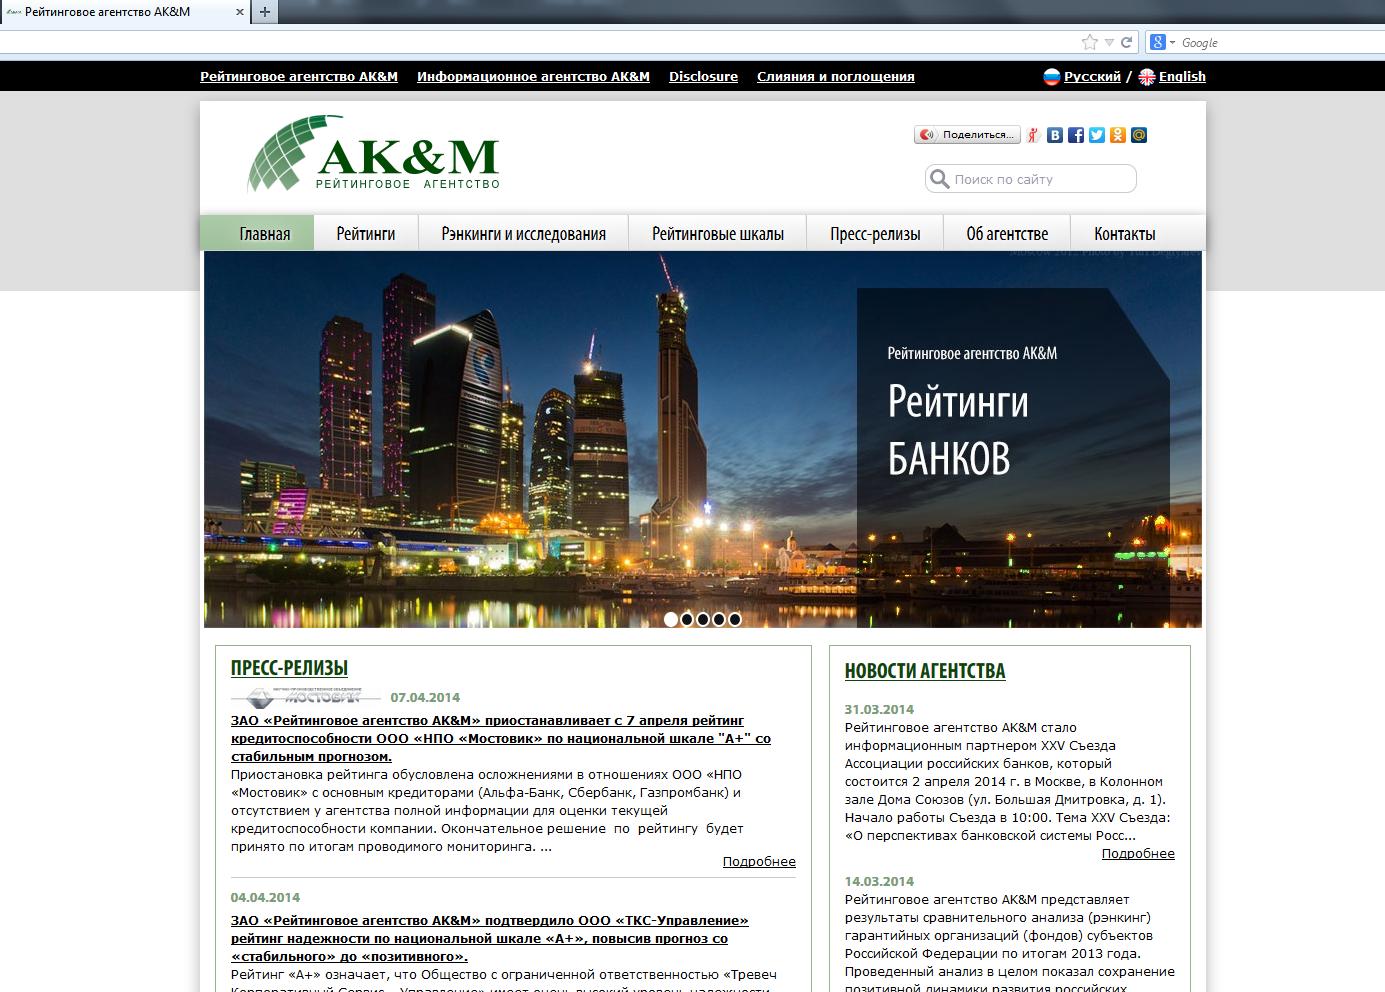 Рейтинговое агентство АК&М